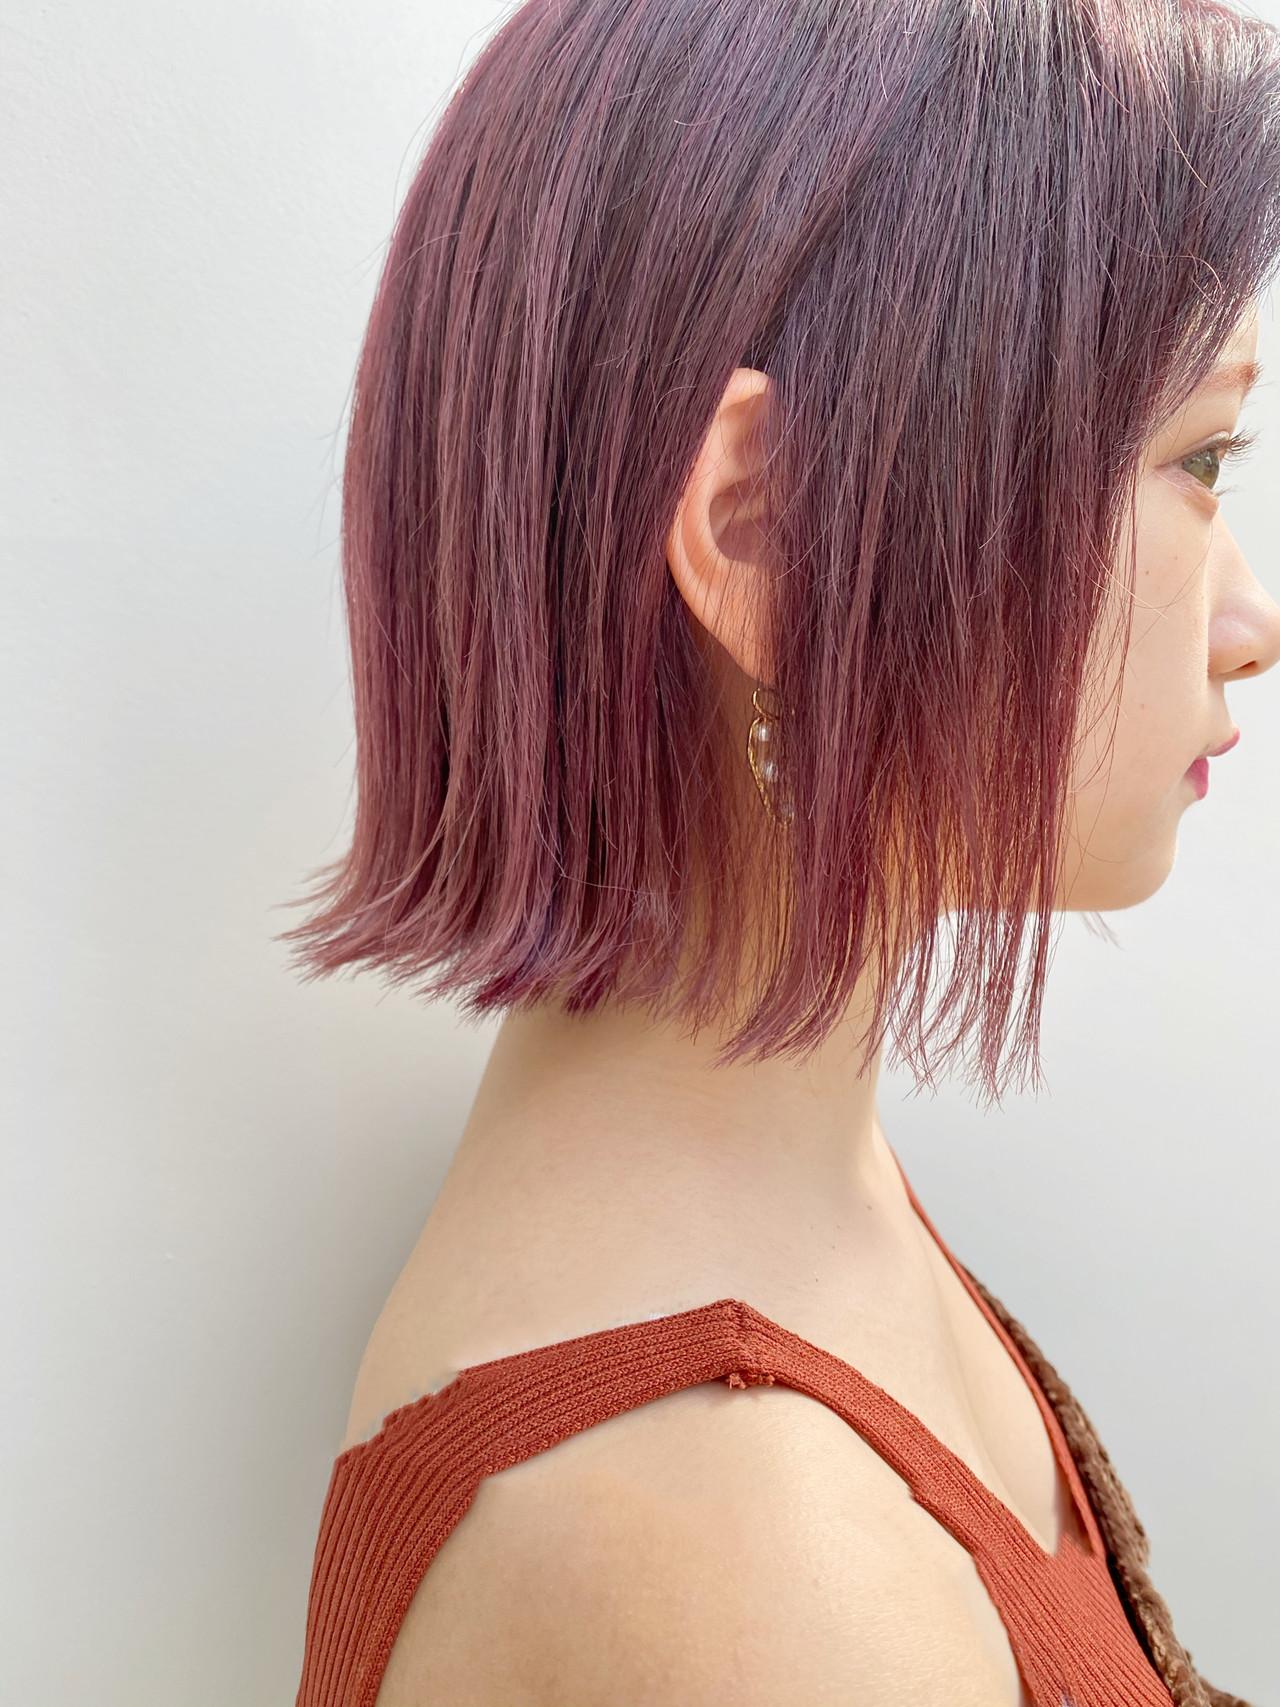 デート ミニボブ ボブ 切りっぱなしボブ ヘアスタイルや髪型の写真・画像 | 切りっぱなしボブを流行らせた人 Un ami増永 / Un ami omotesando